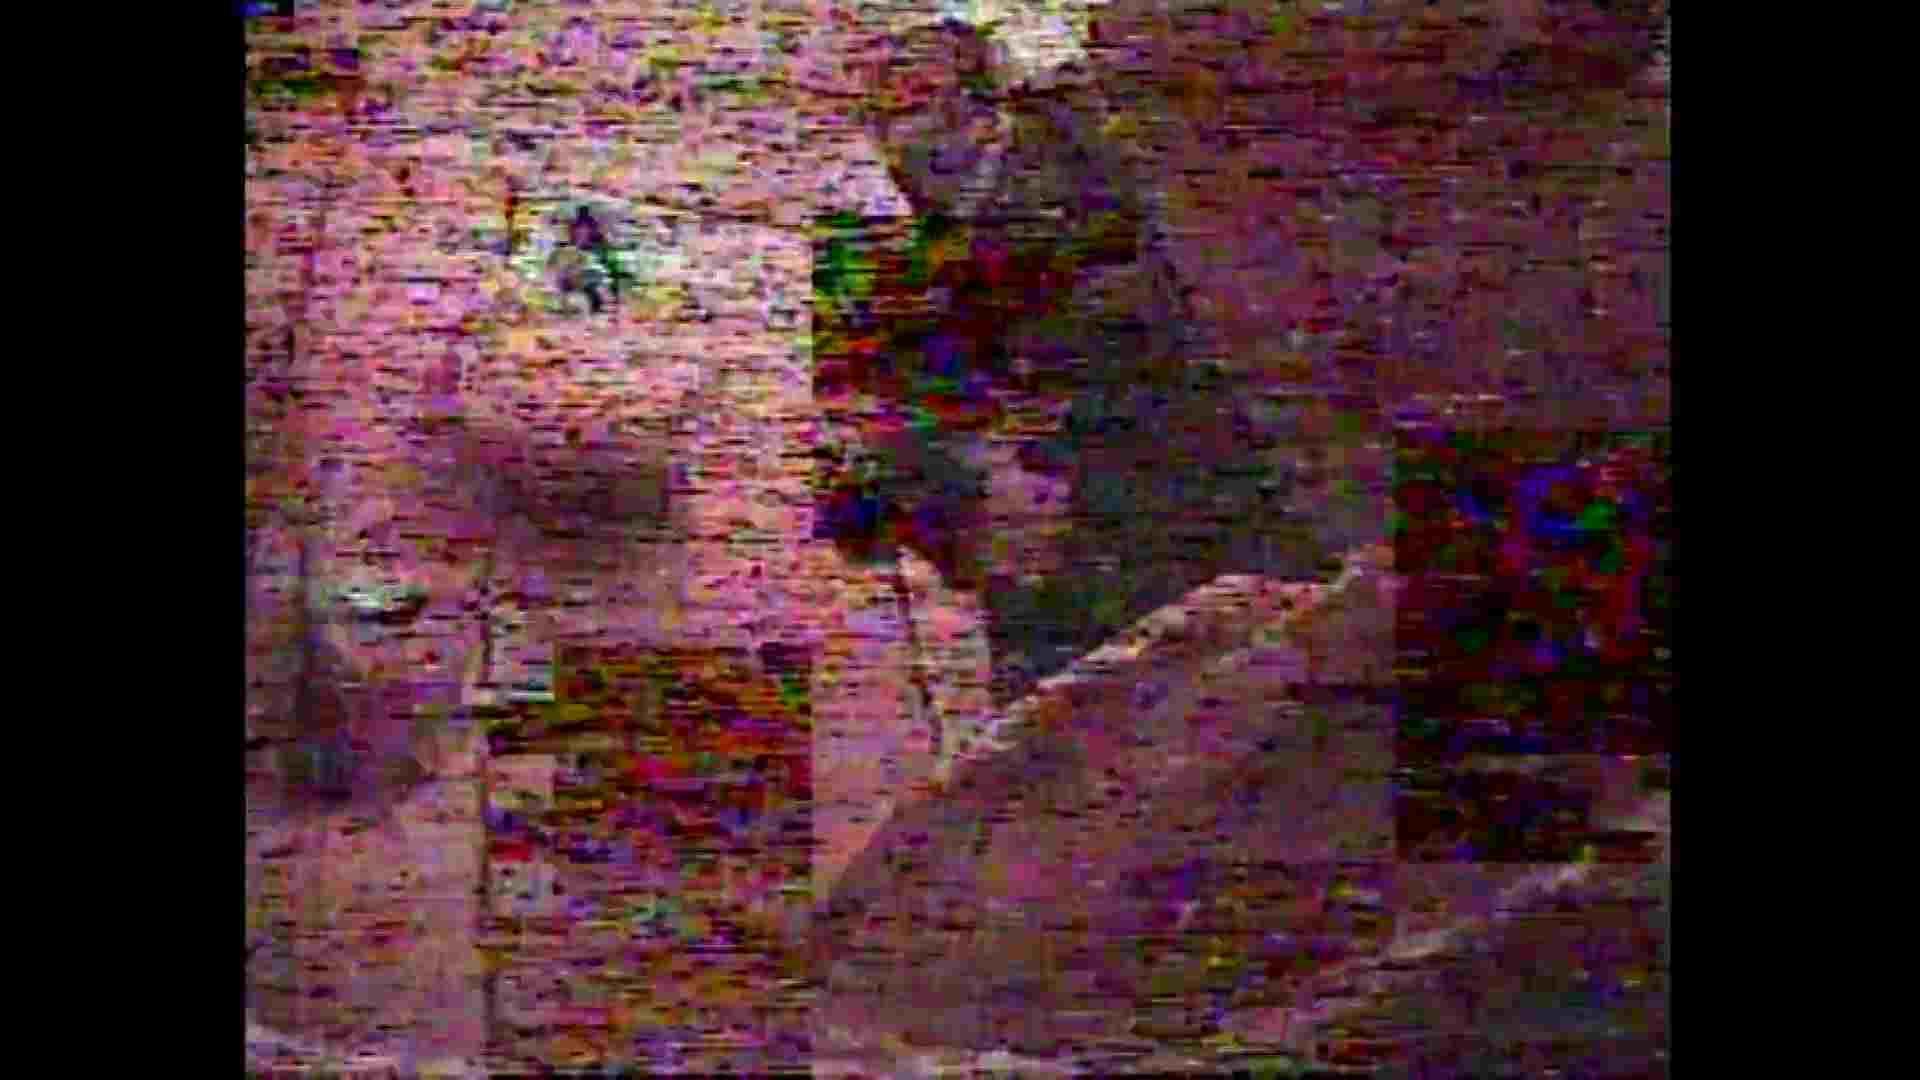 無修正エロ動画|レース場での秘め事 Vol.05|怪盗ジョーカー